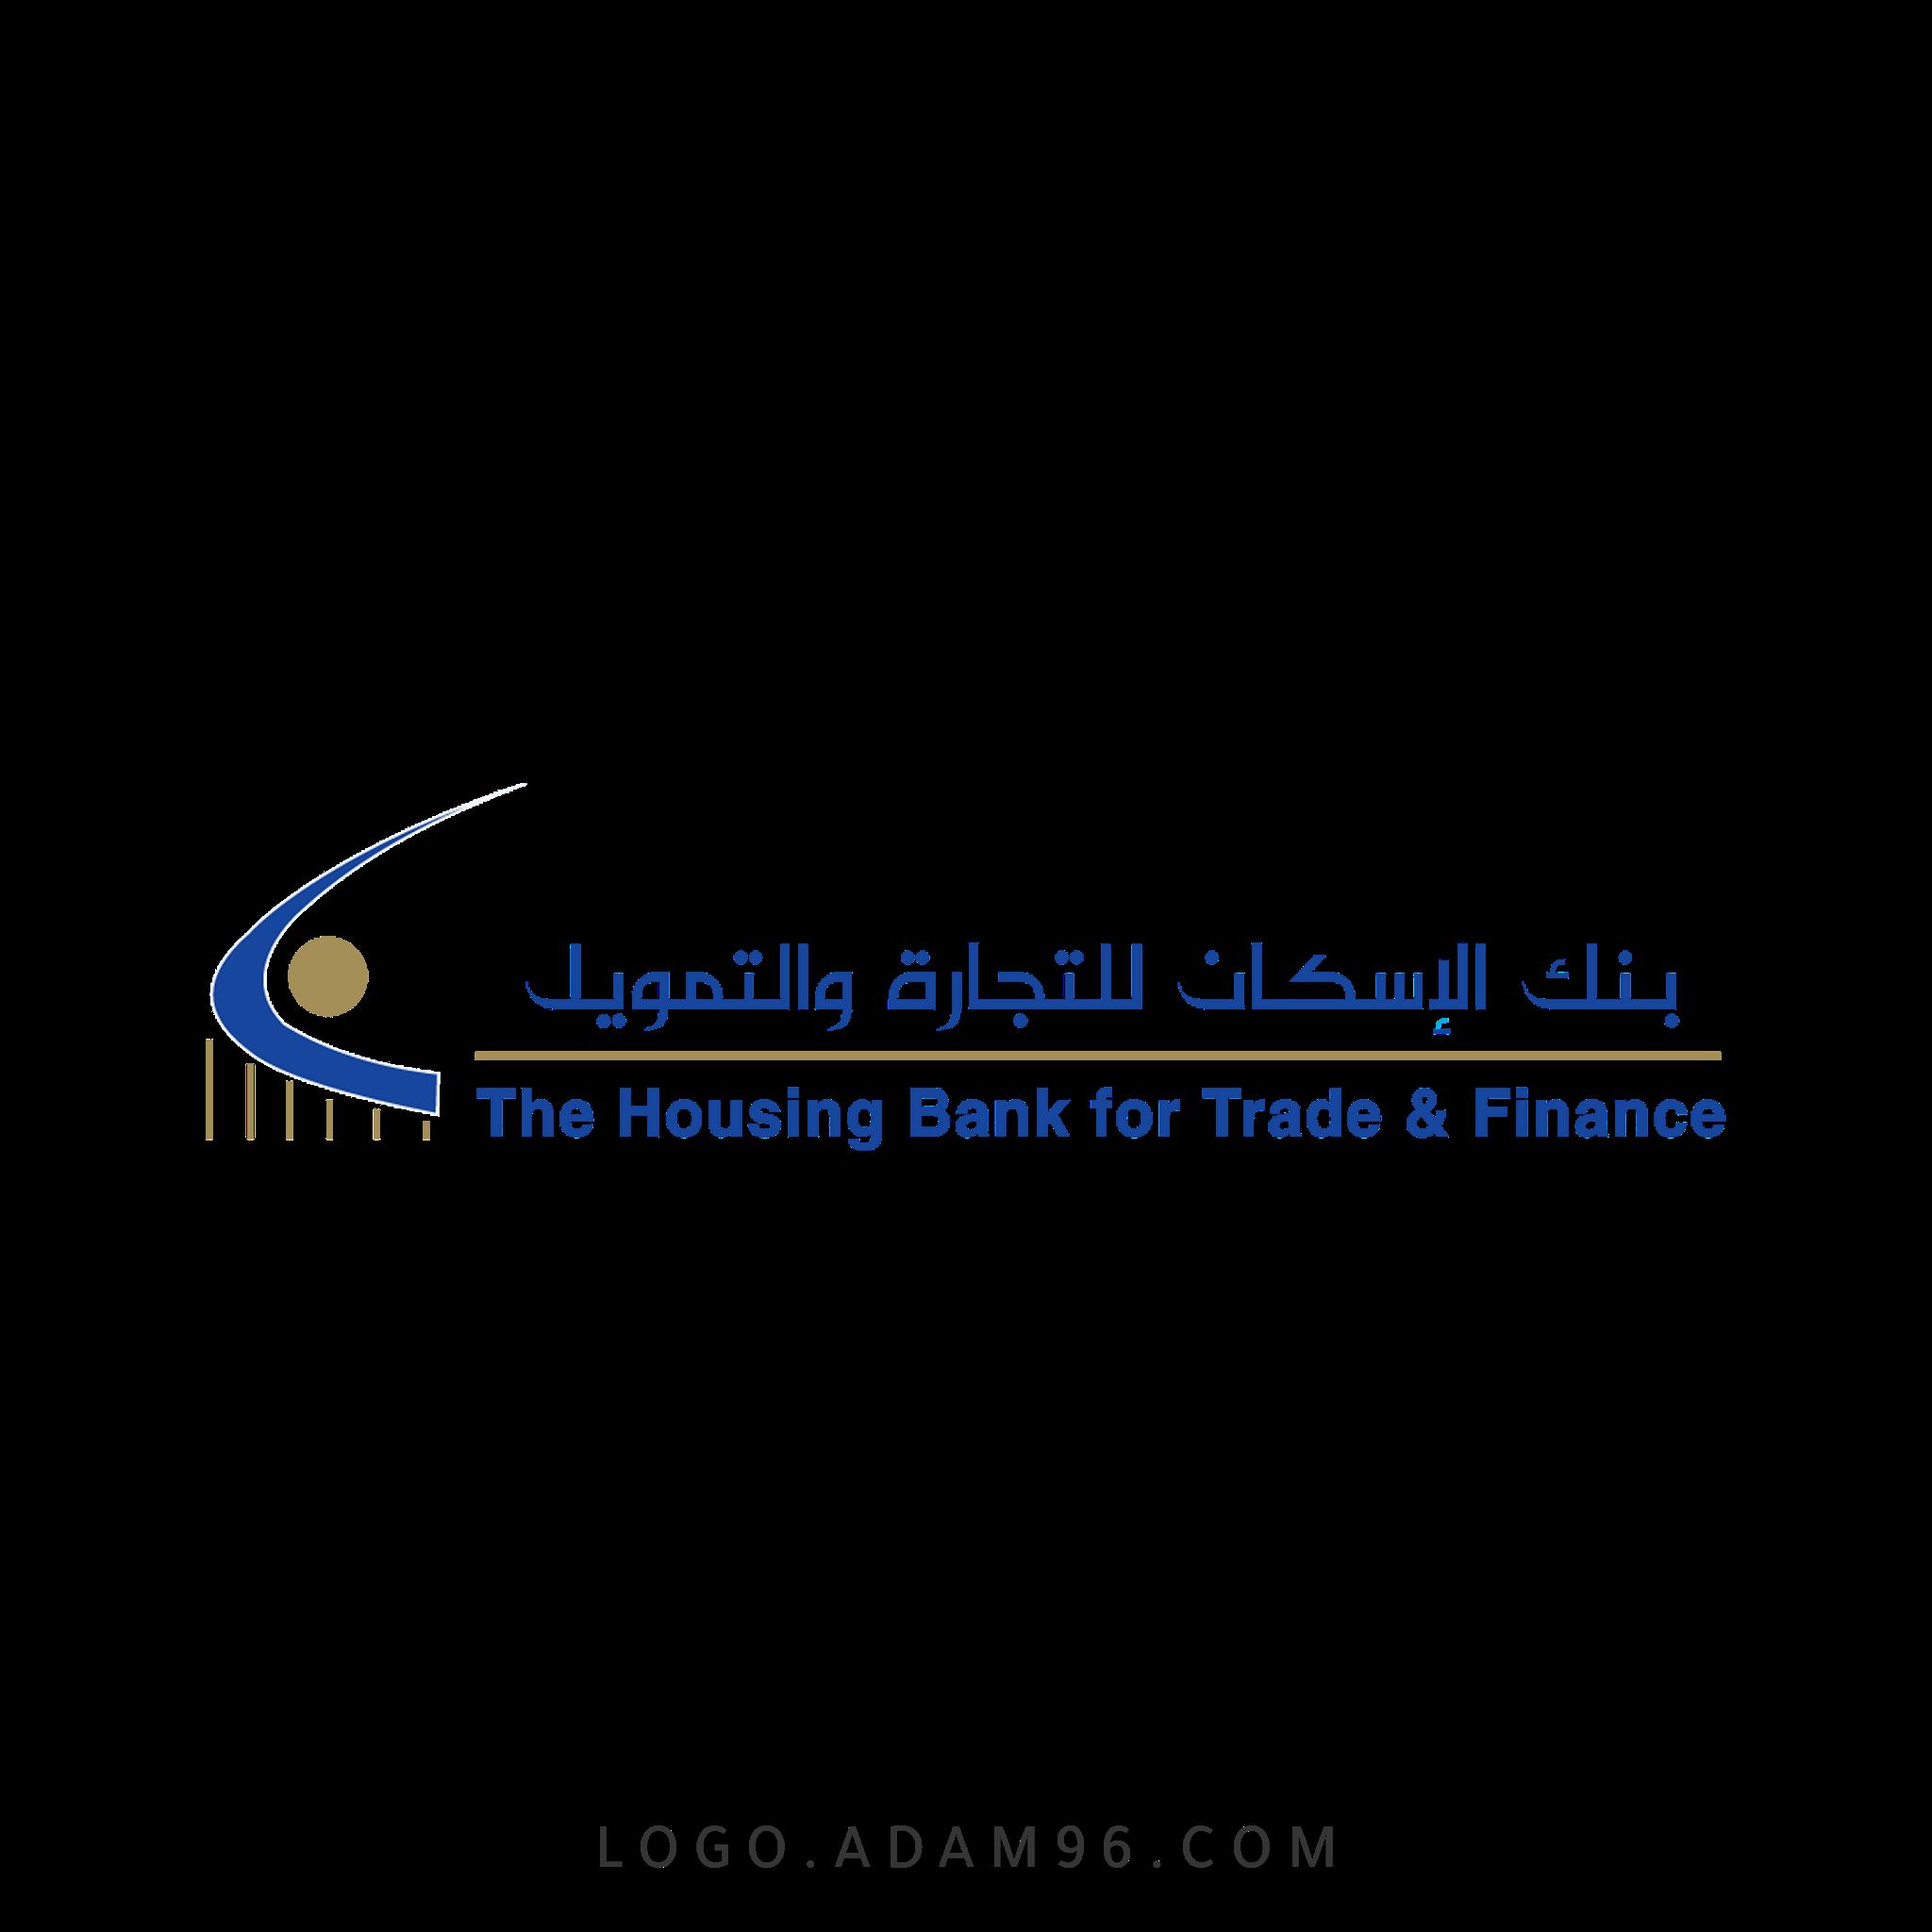 تحميل شعار بنك الاسكان التجارة والتمويل - فلسطين لوجو رسمي PNG